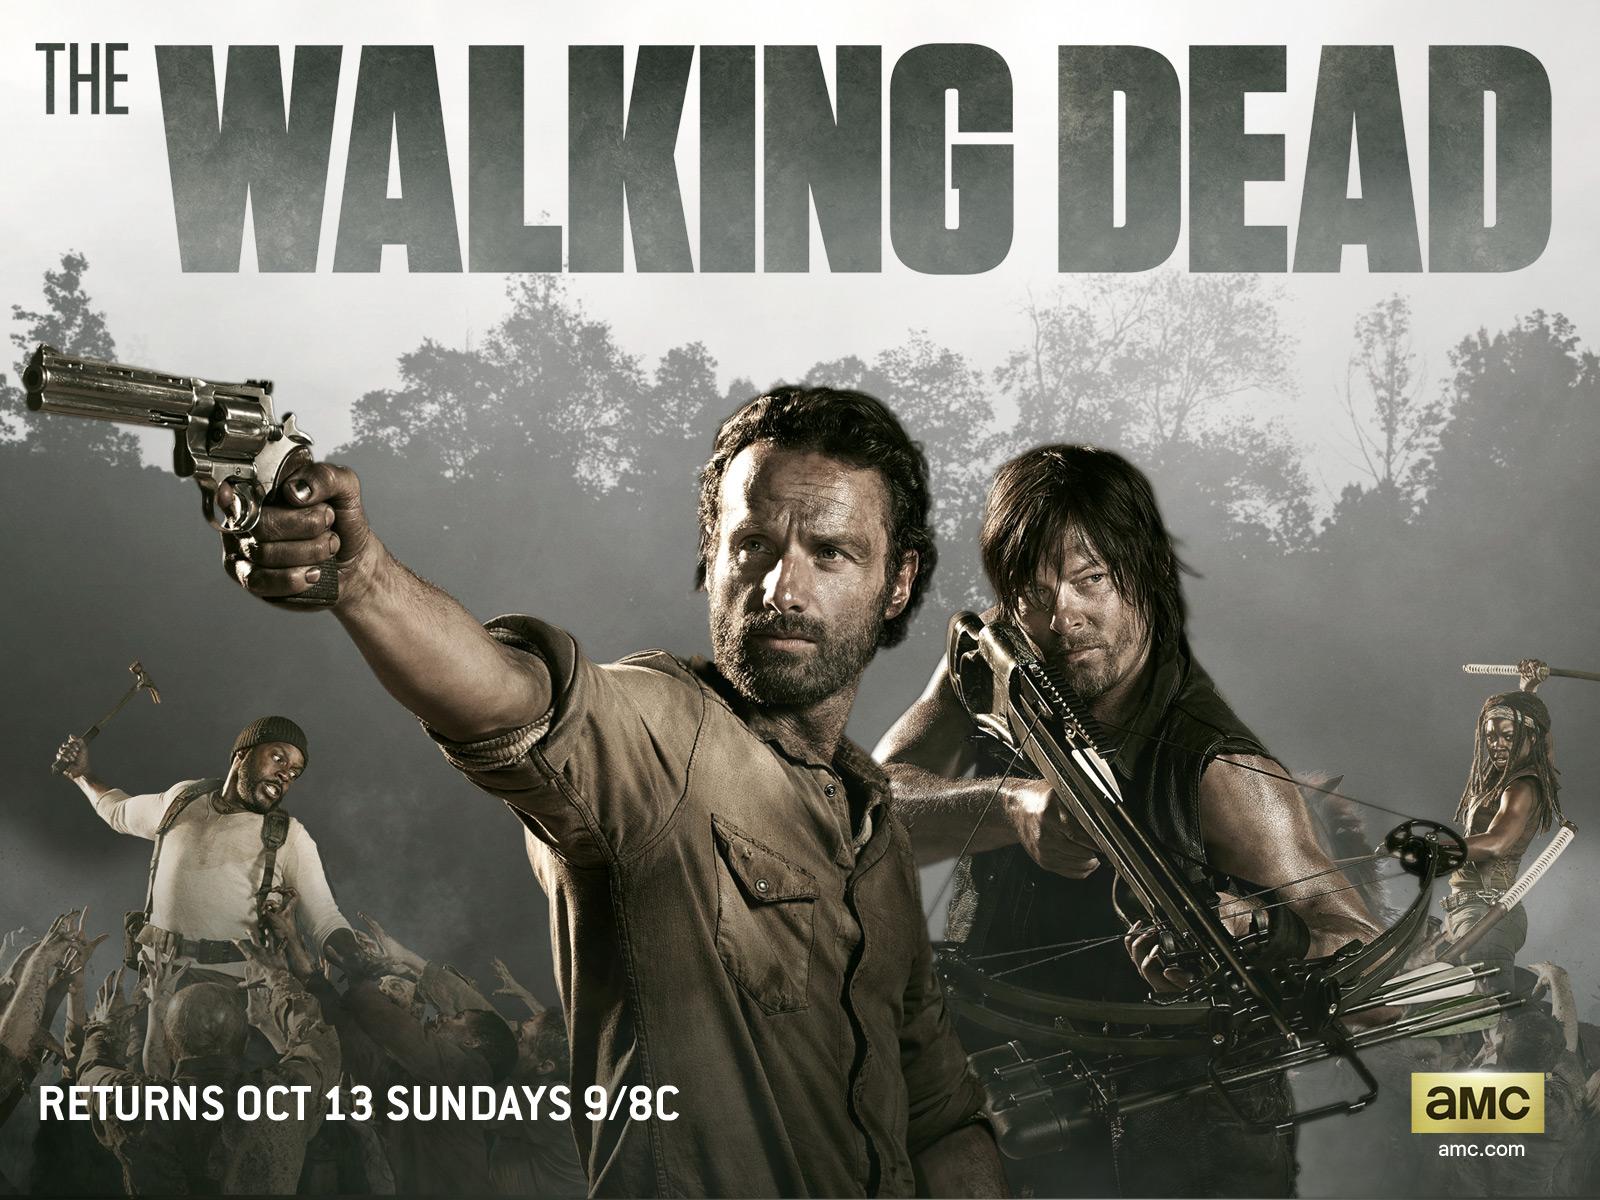 The-Walking-Dead-season-4-wallpapers-7